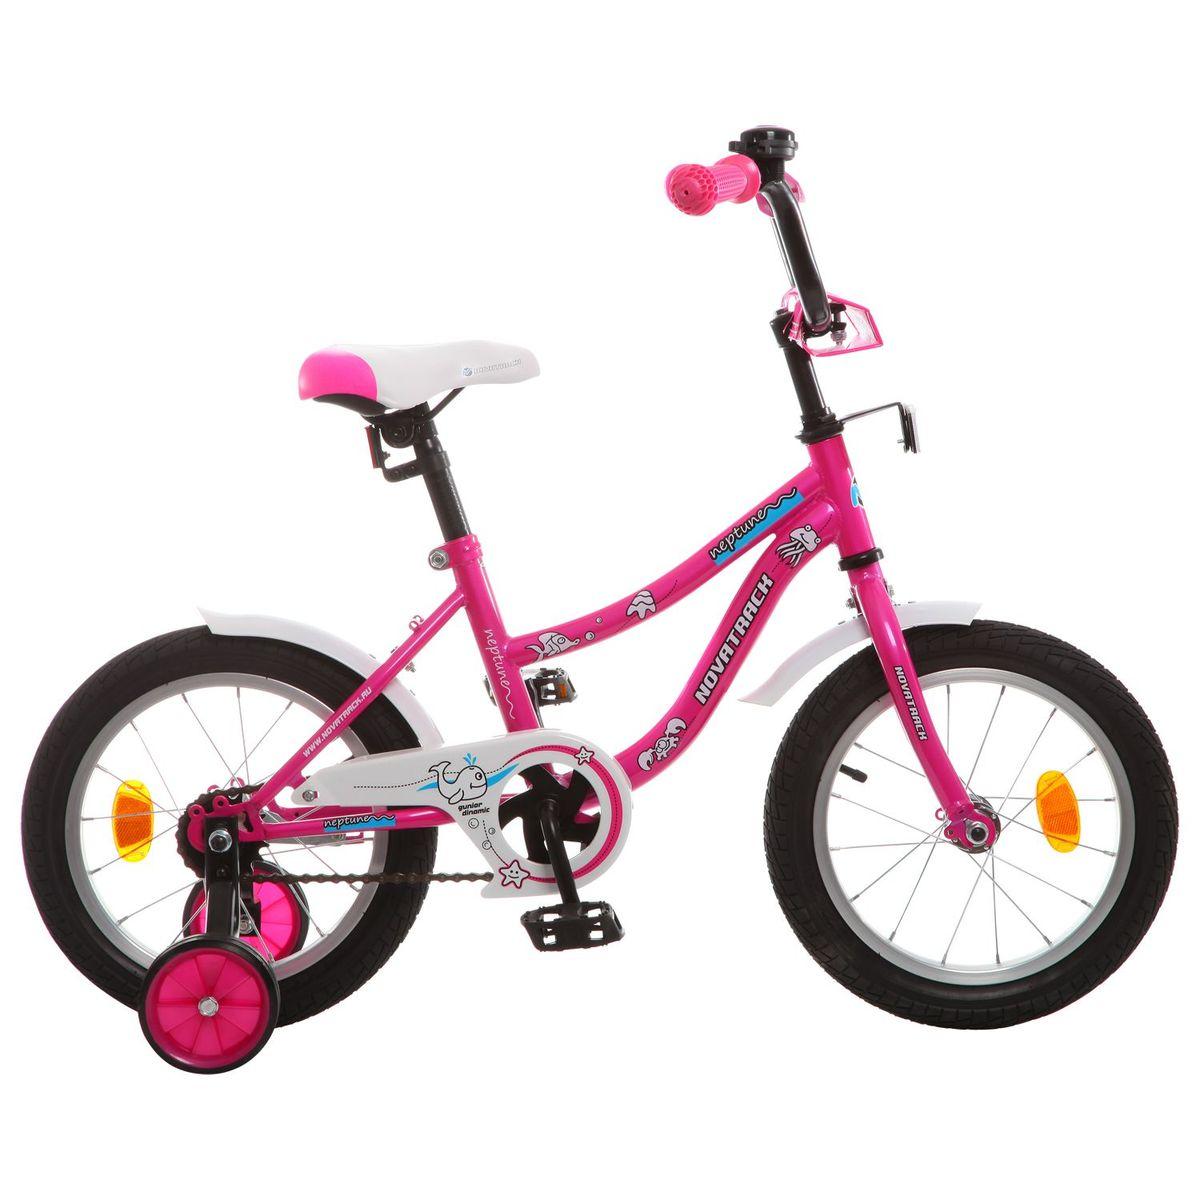 Велосипед детский Novatrack Neptune, цвет: розовый, белый, 14'' детский велосипед для мальчиков novatrack cosmic 14 2017 blue